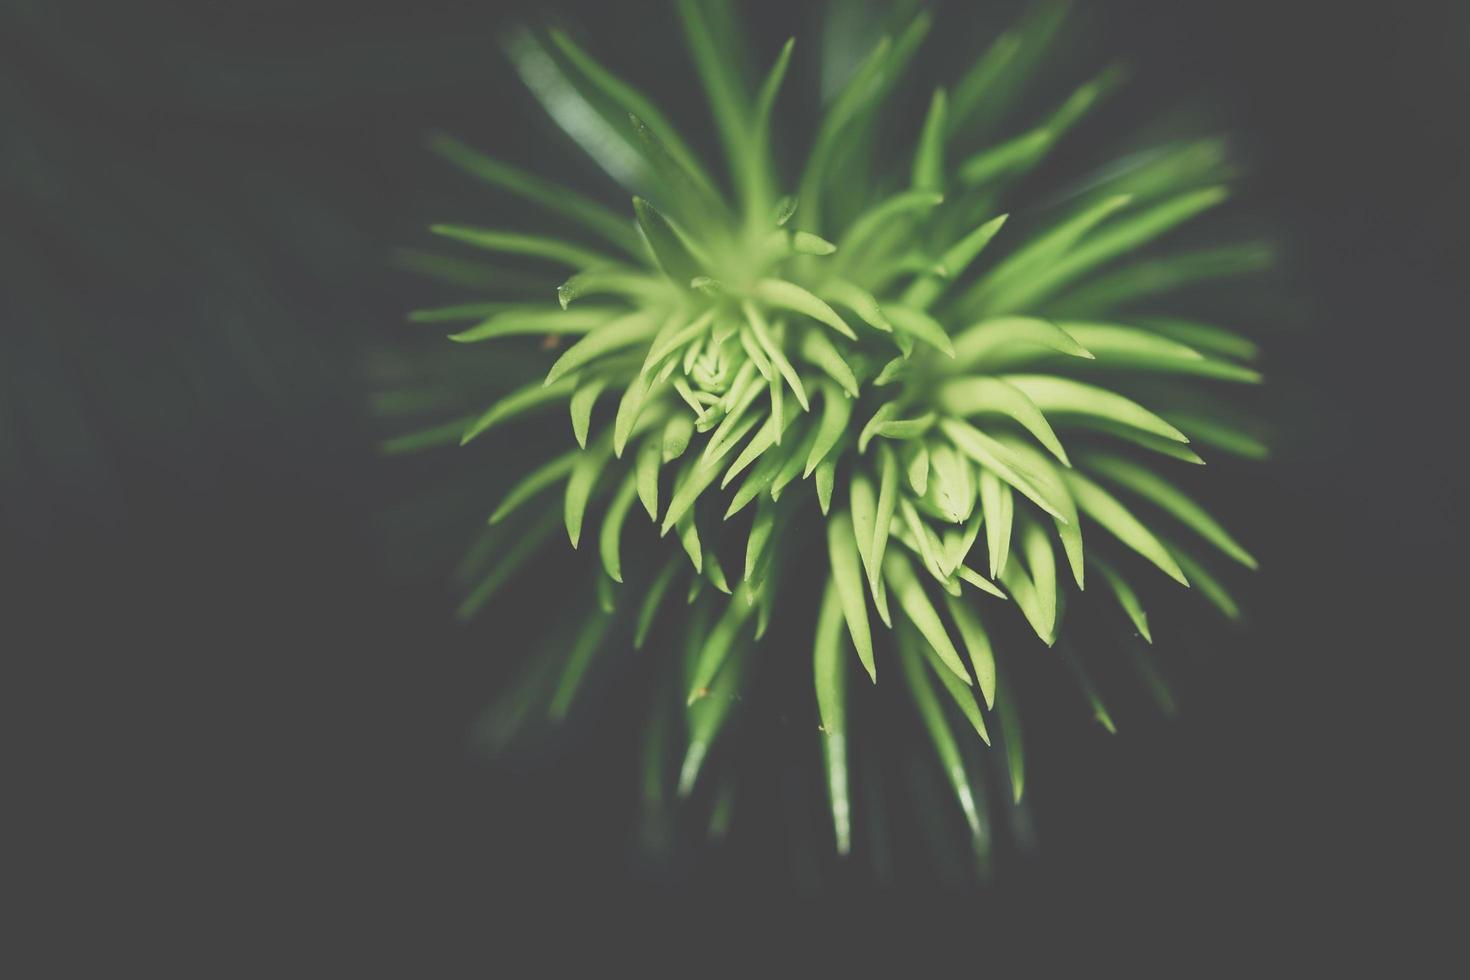 fond de feuille sombre photo